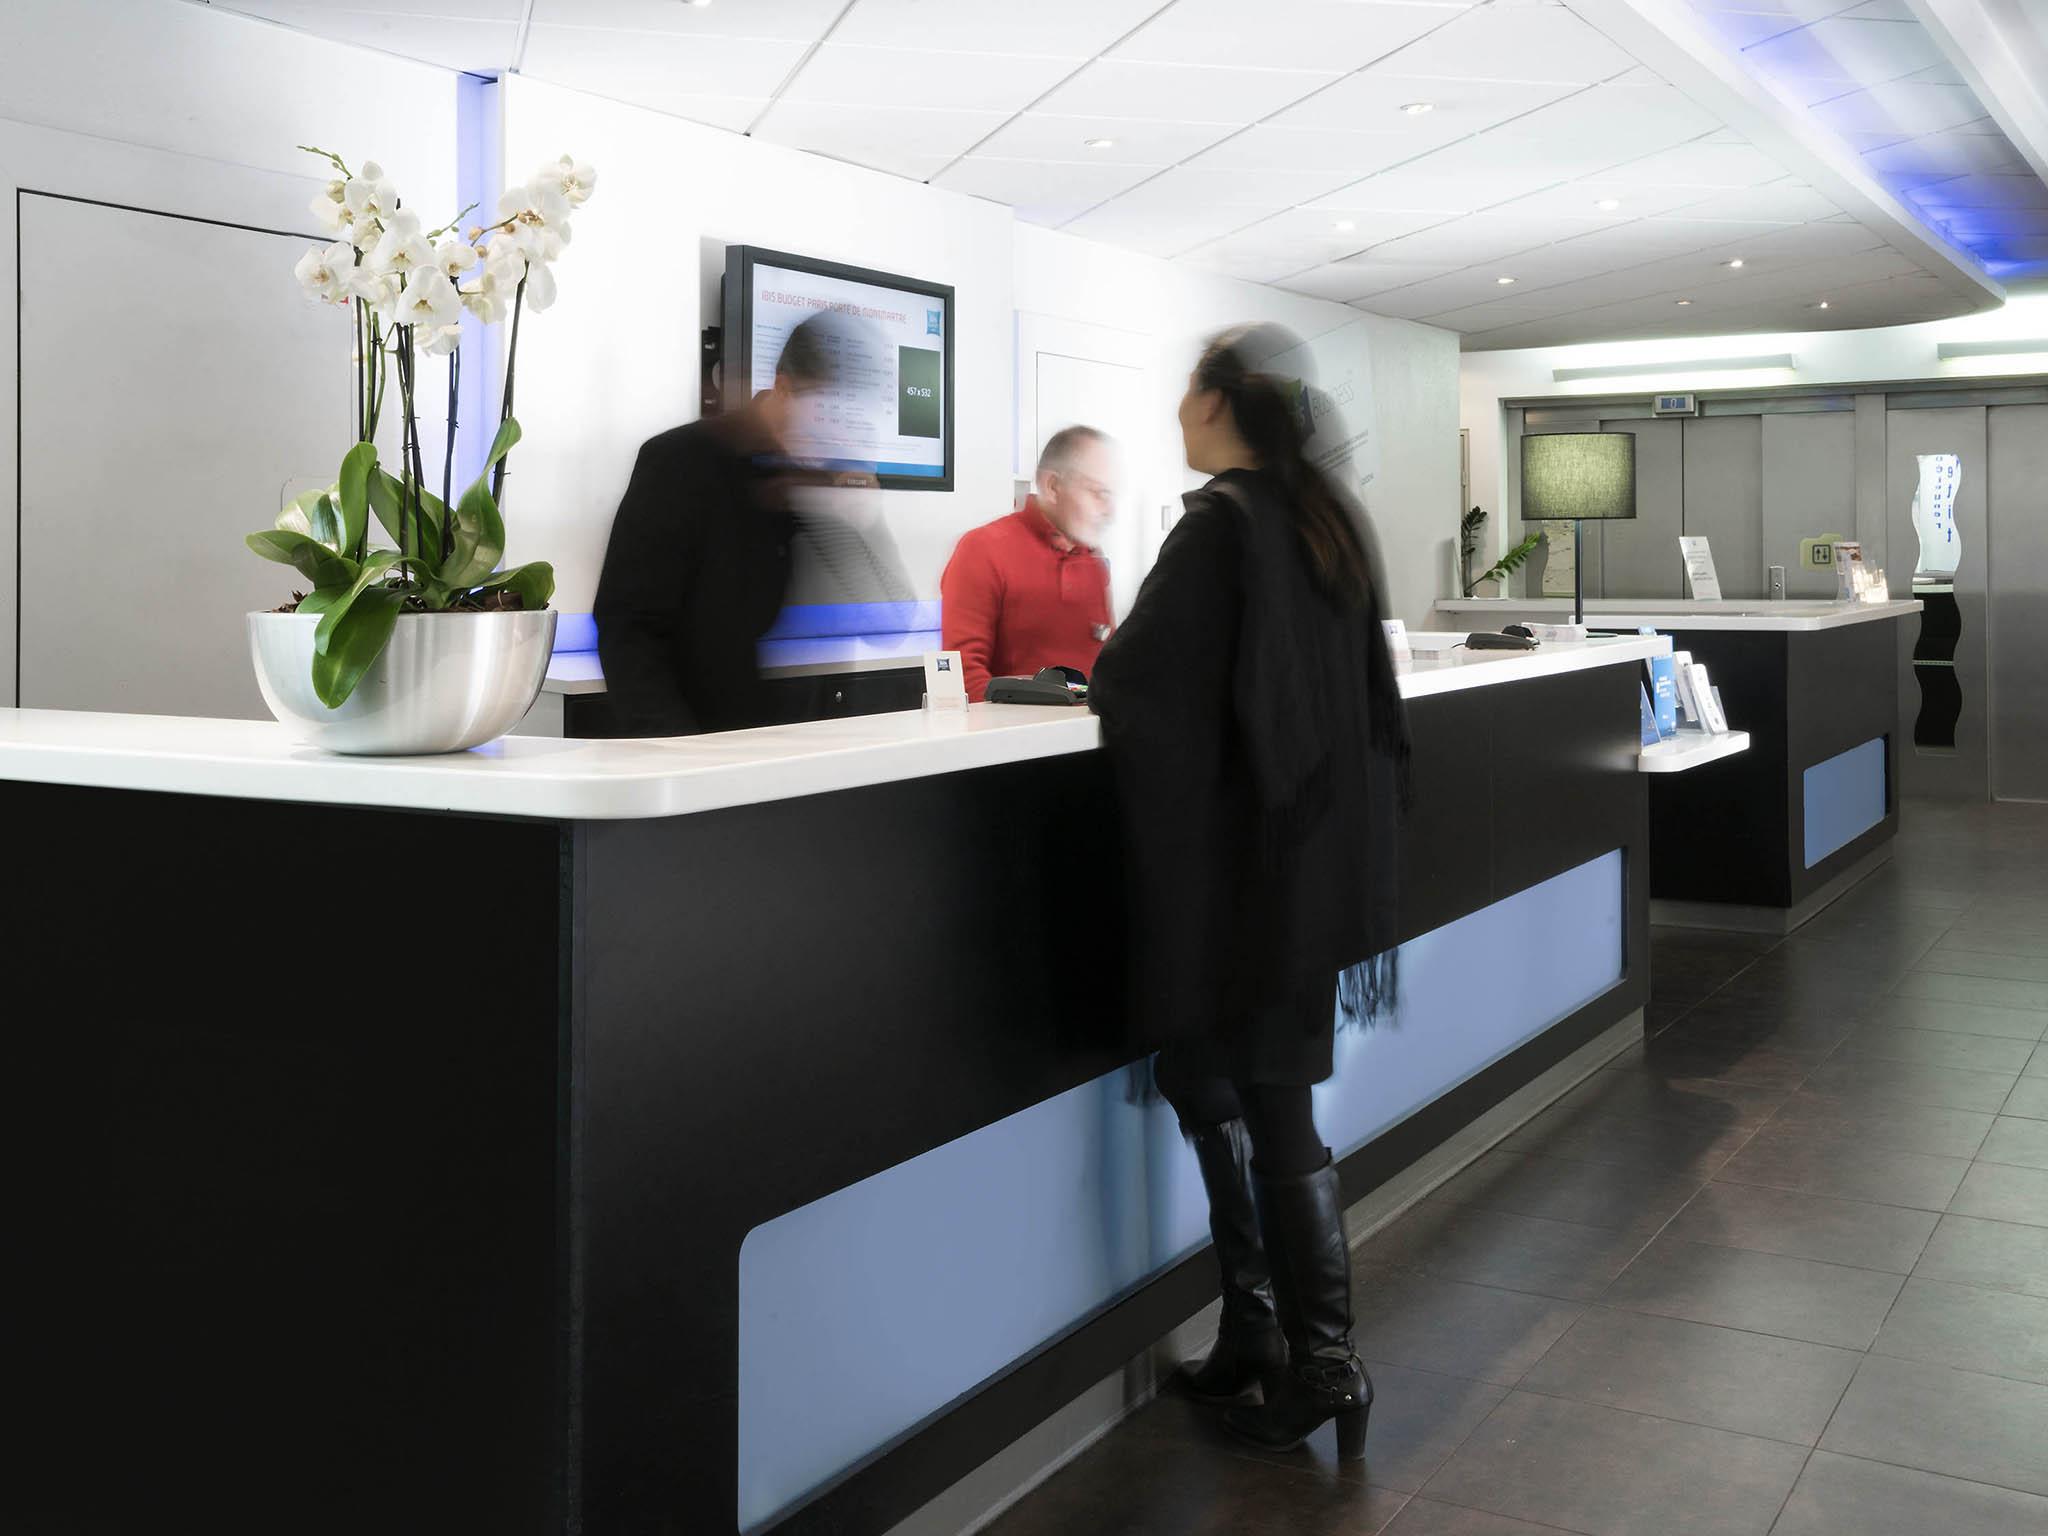 โรงแรม – ไอบิส บัดเจ็ท ปารีส ปอร์ต เดอ มงมาทร์